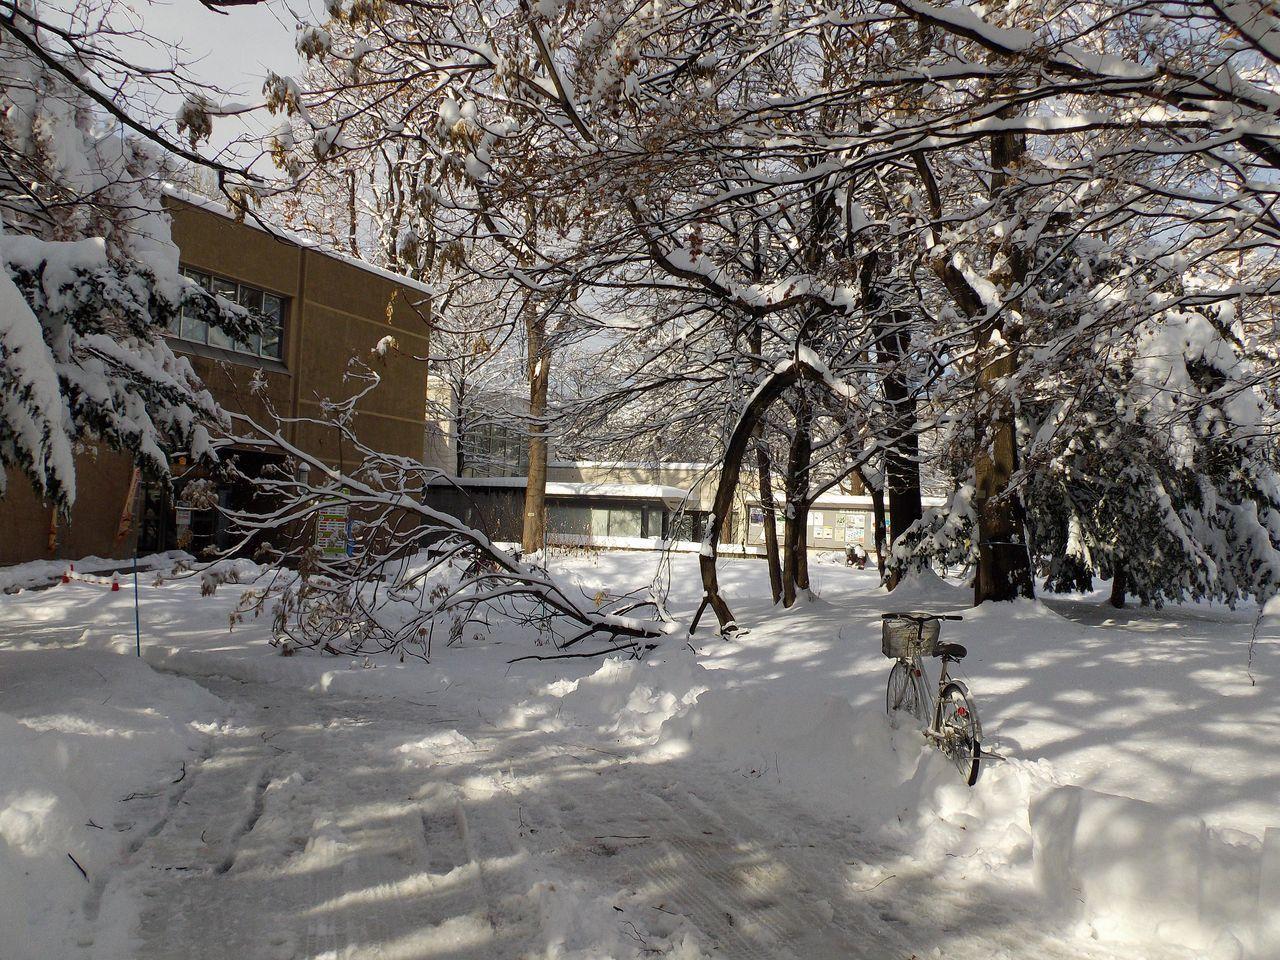 降って降って11月としては62年ぶりの大雪_c0025115_18470127.jpg